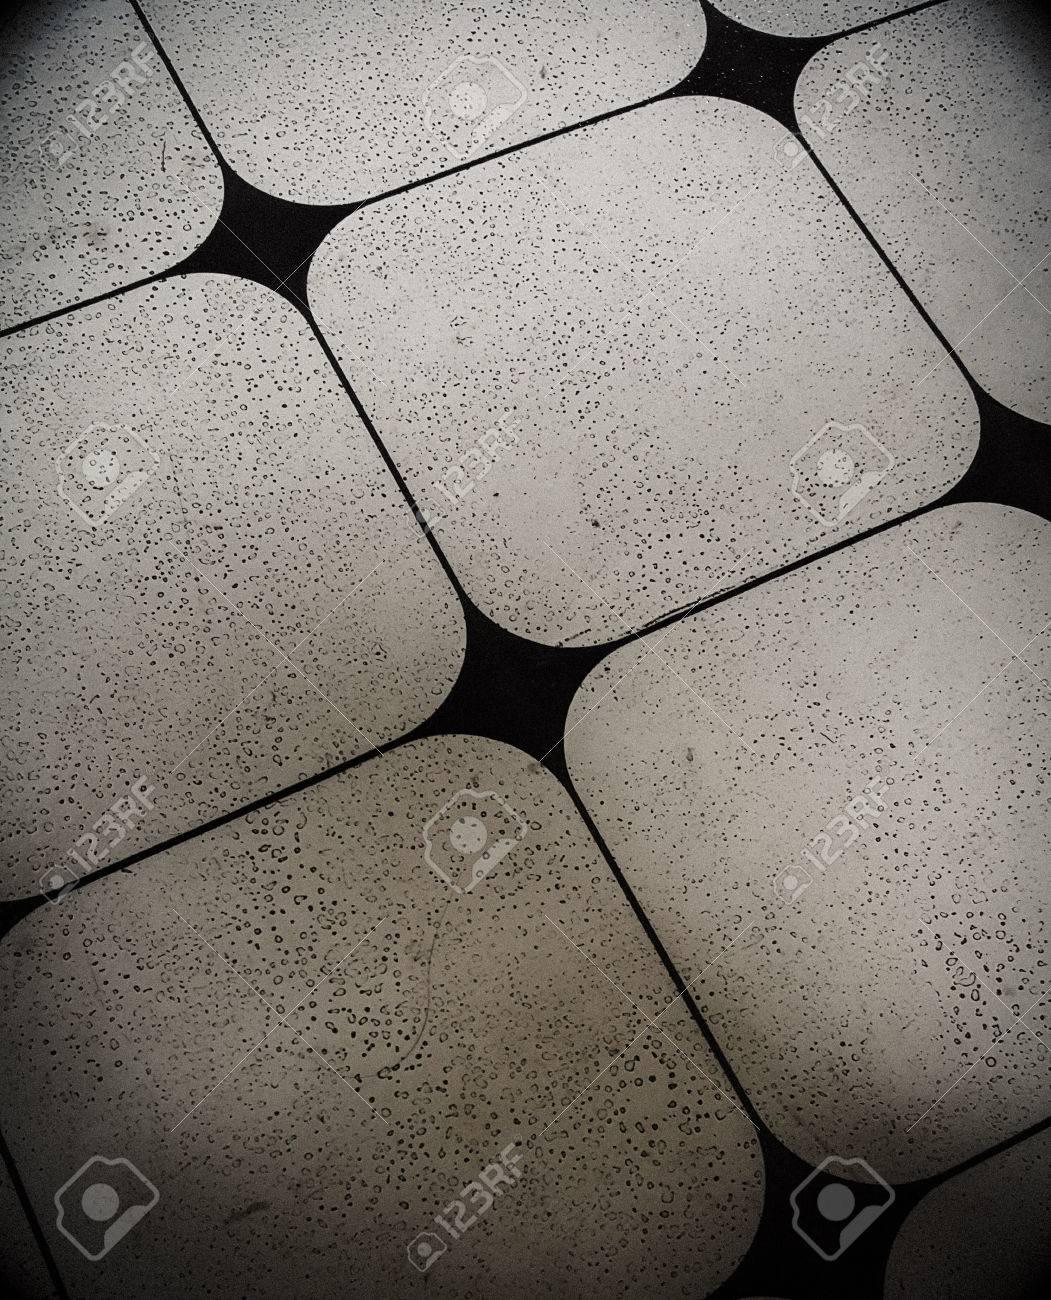 black diamond shape tile floor texture